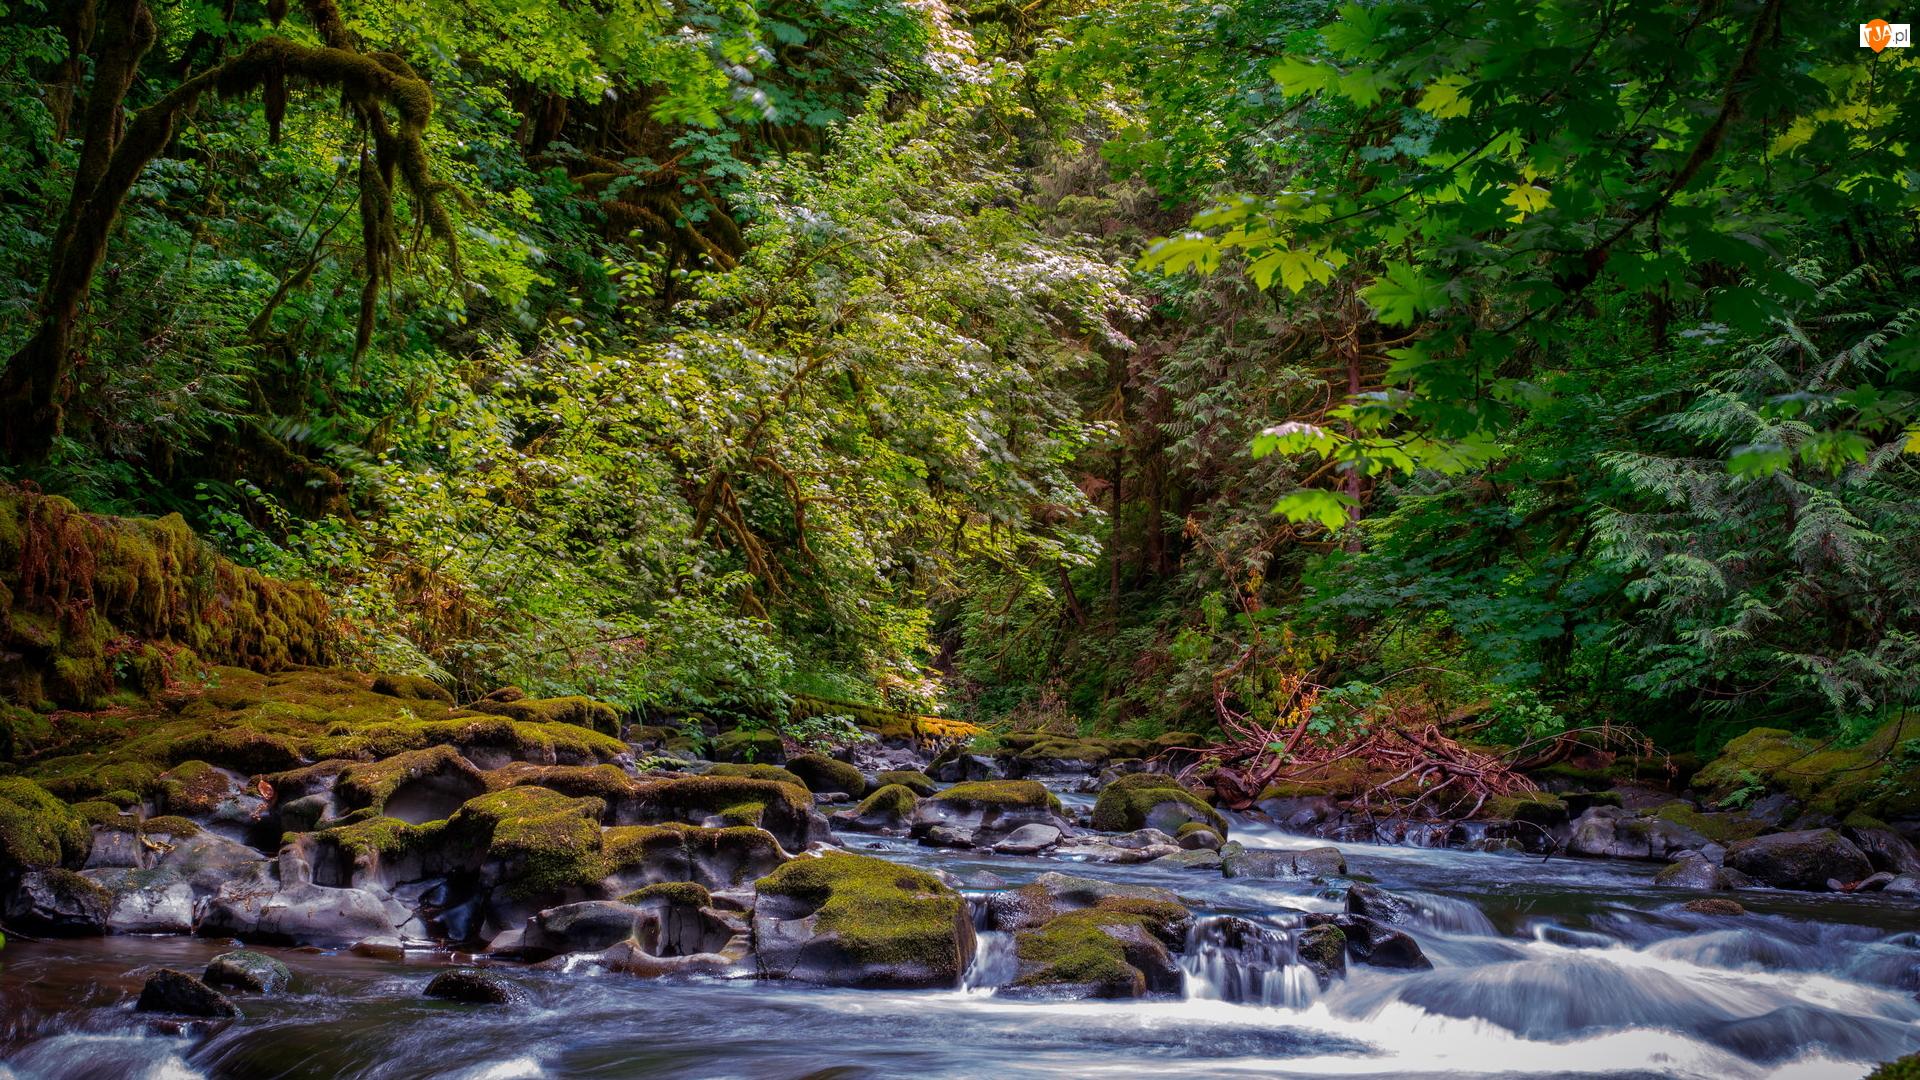 Rzeka, Kamienie, Drzewa, Las, Omszone